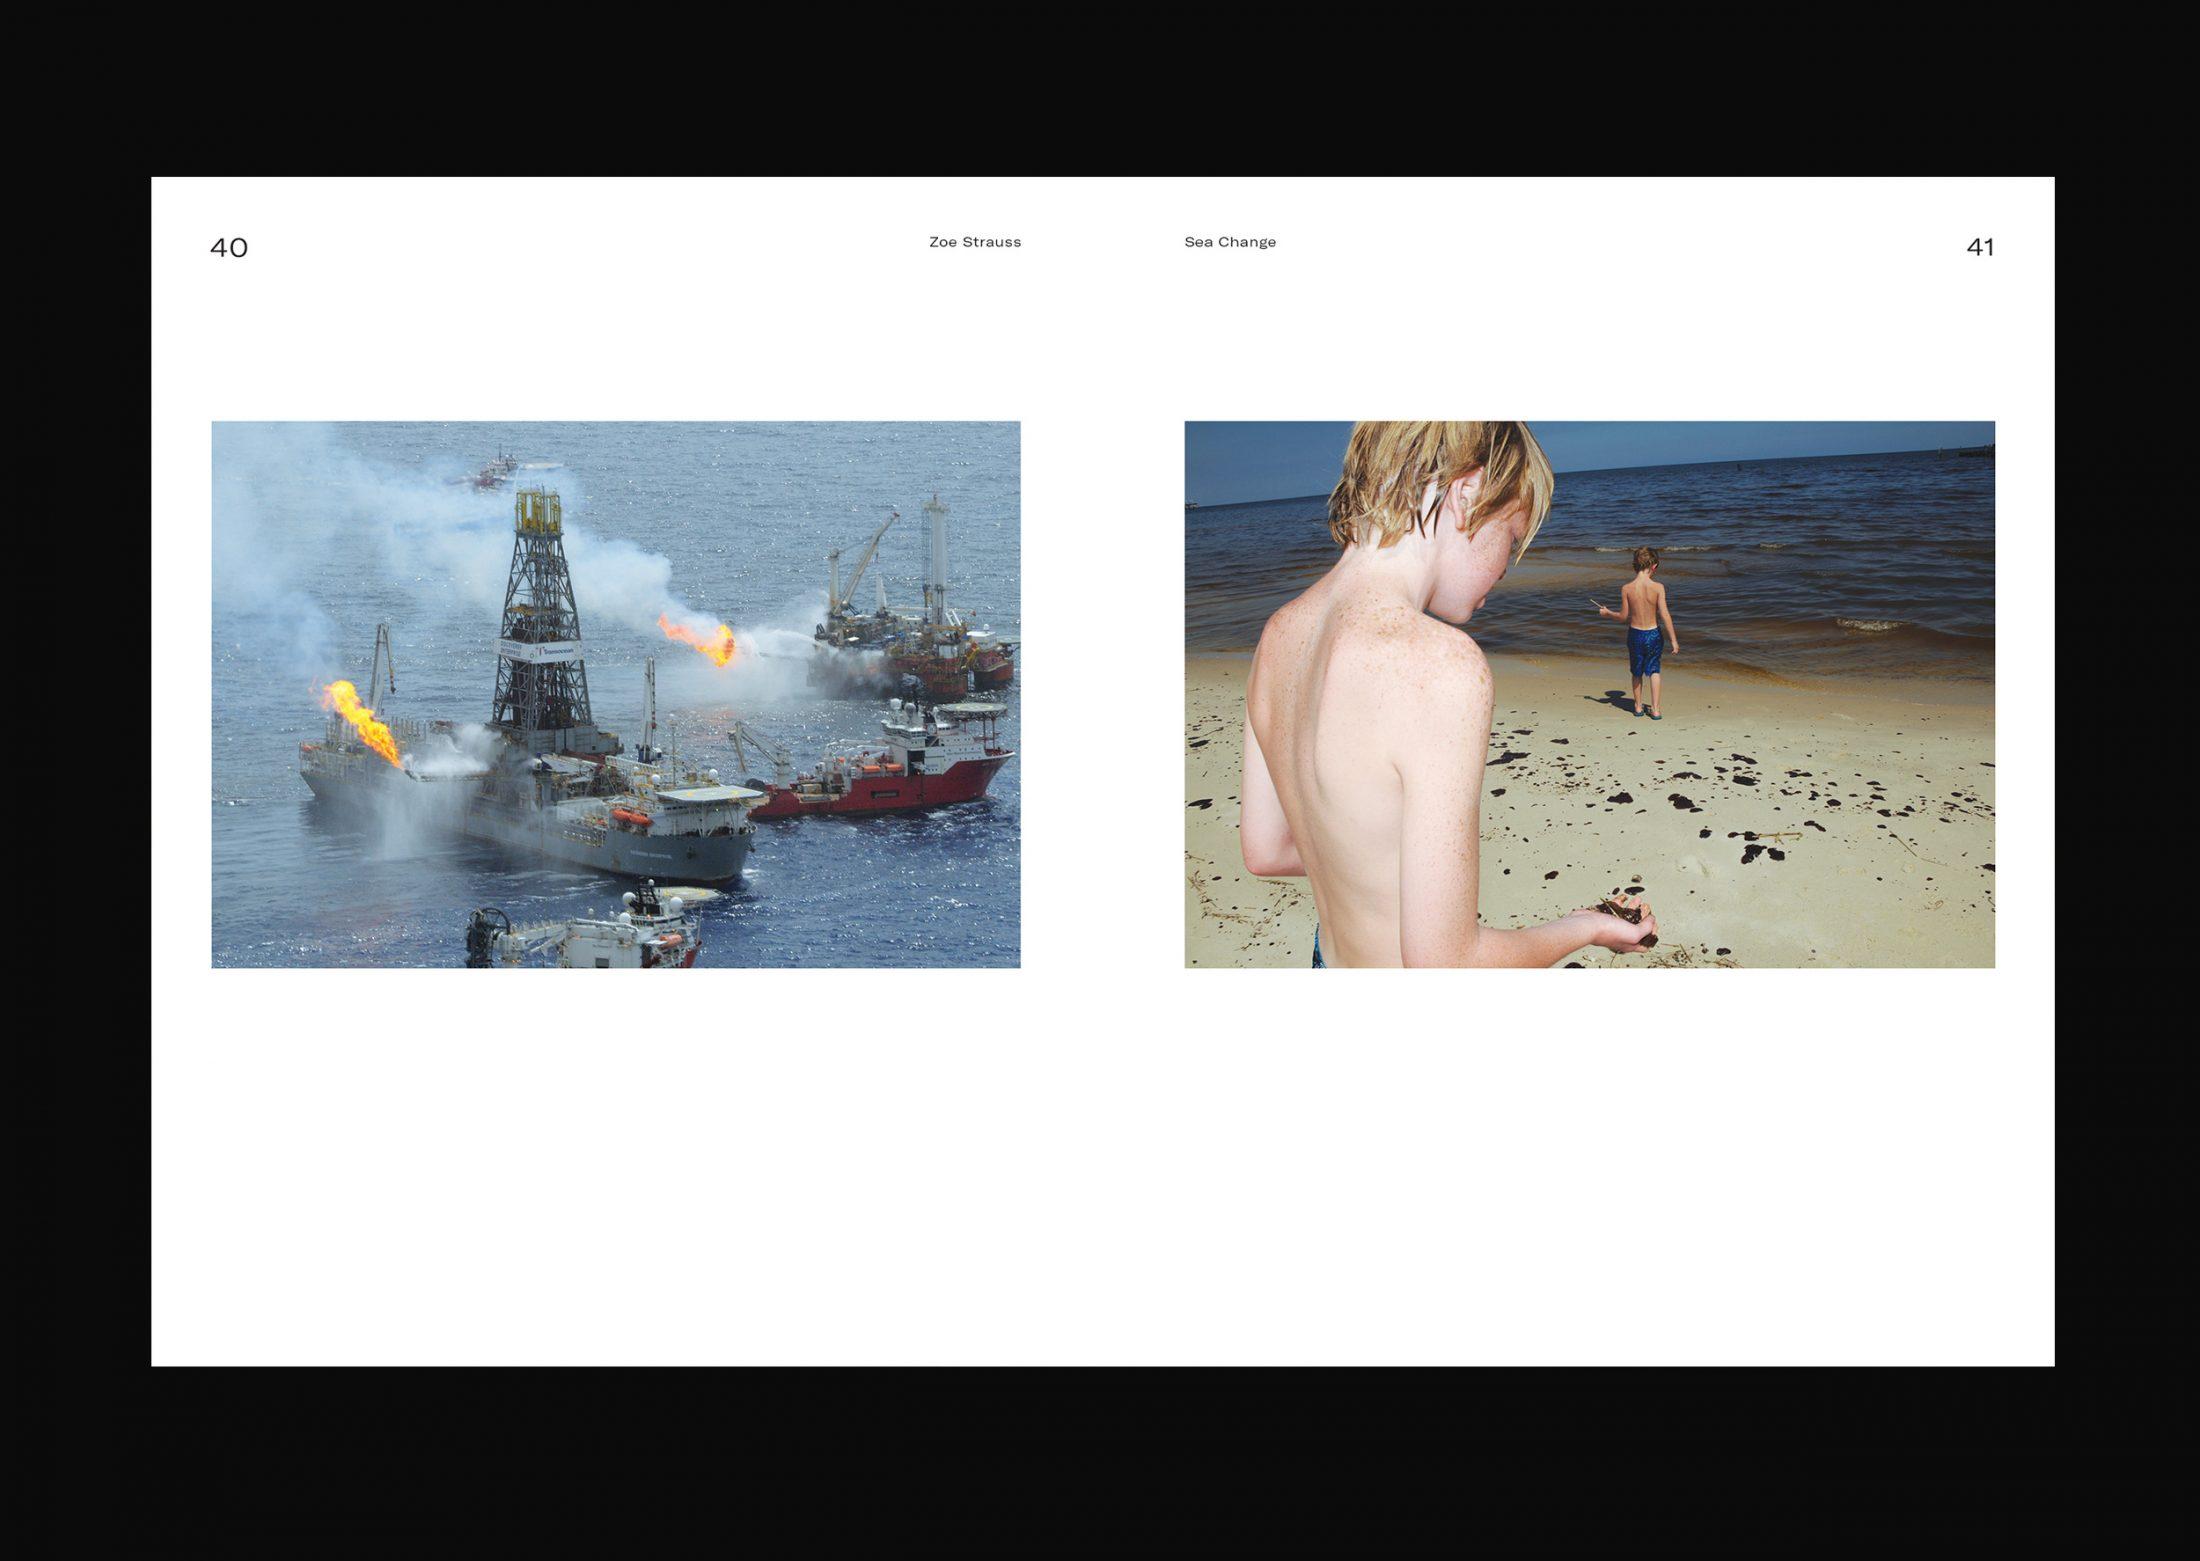 anthony_smyrski_sea_change_08-2200×1561-1